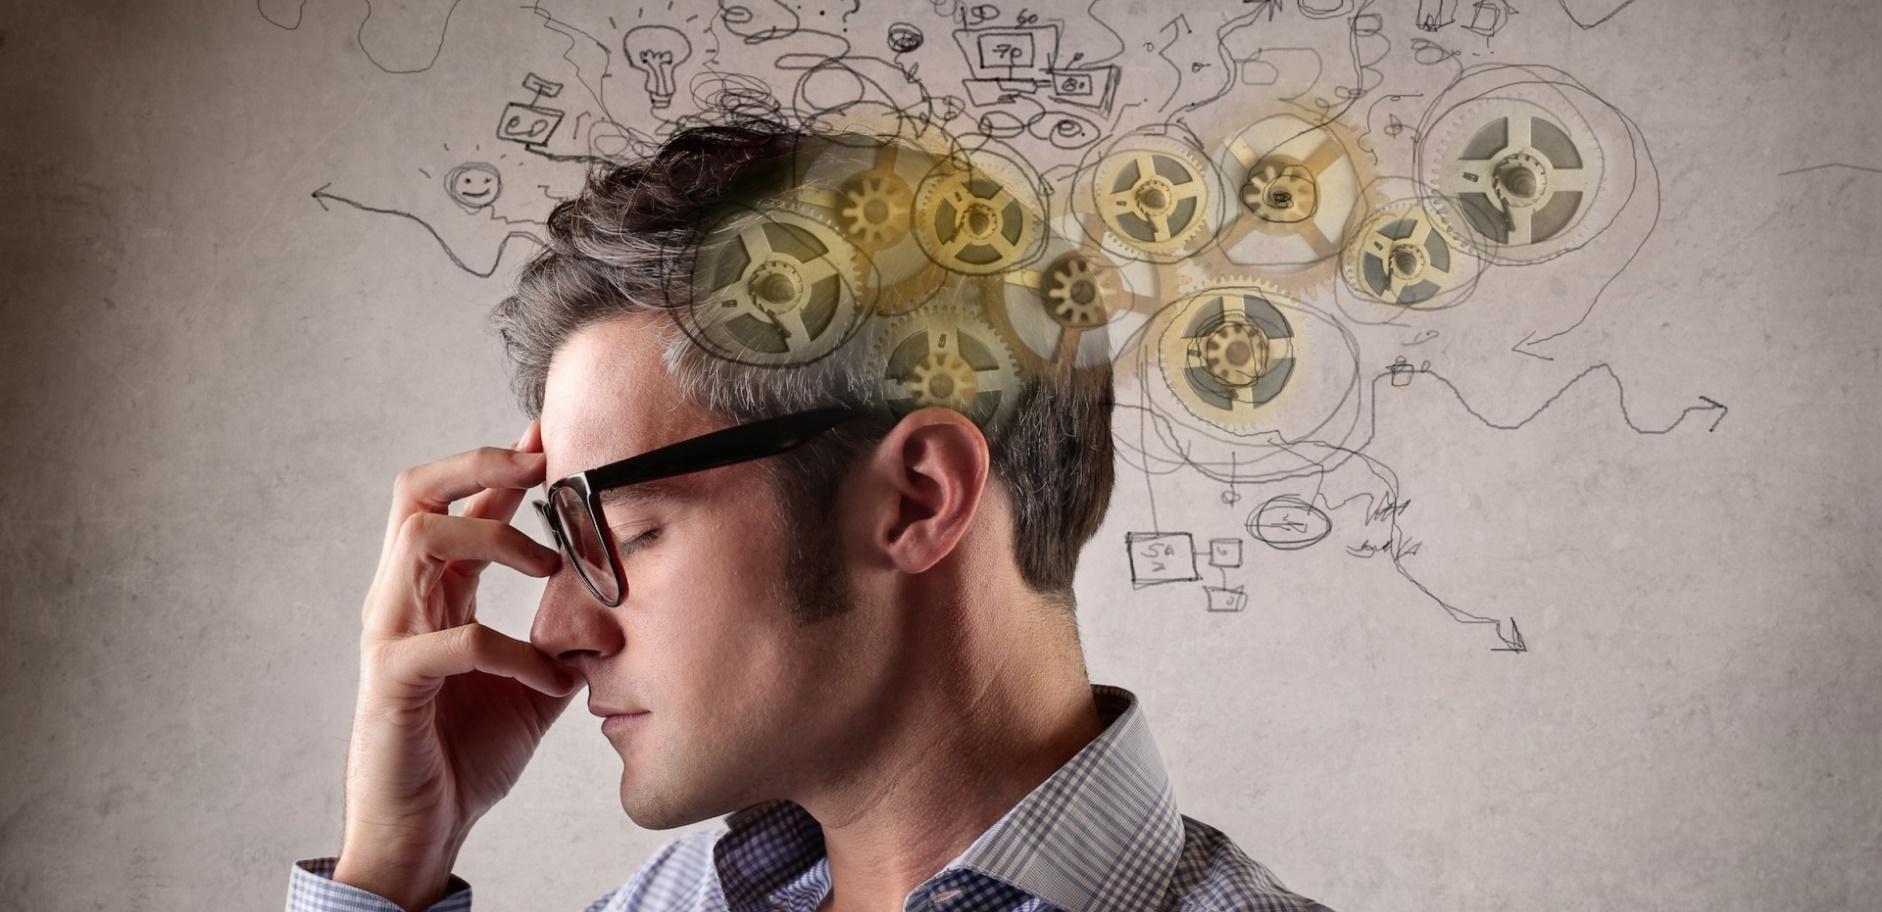 Τι είναι η Ψυχοθεραπεία